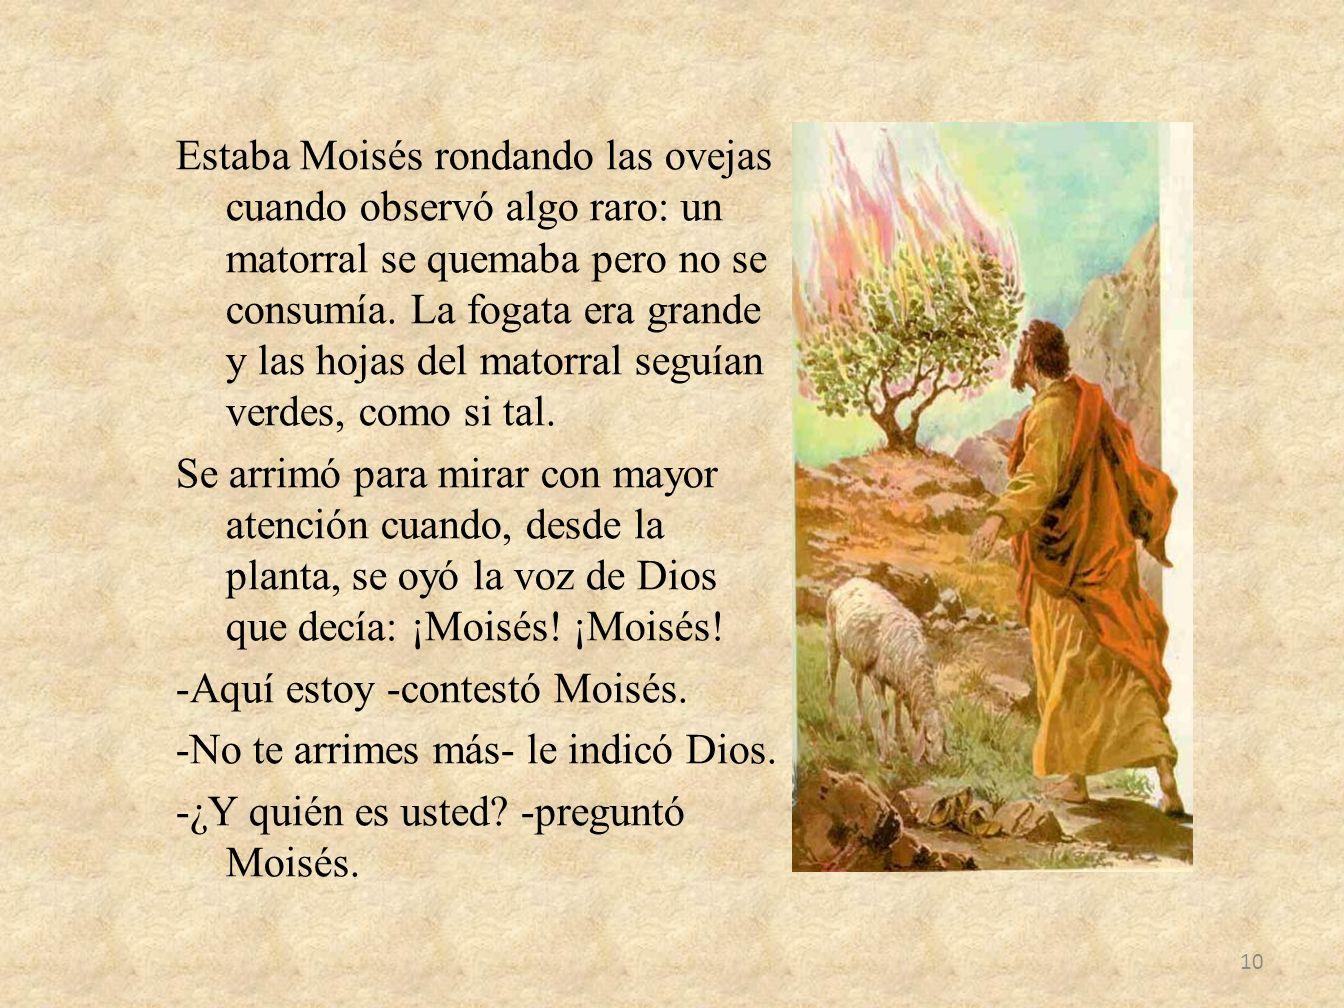 Estaba Moisés rondando las ovejas cuando observó algo raro: un matorral se quemaba pero no se consumía. La fogata era grande y las hojas del matorral